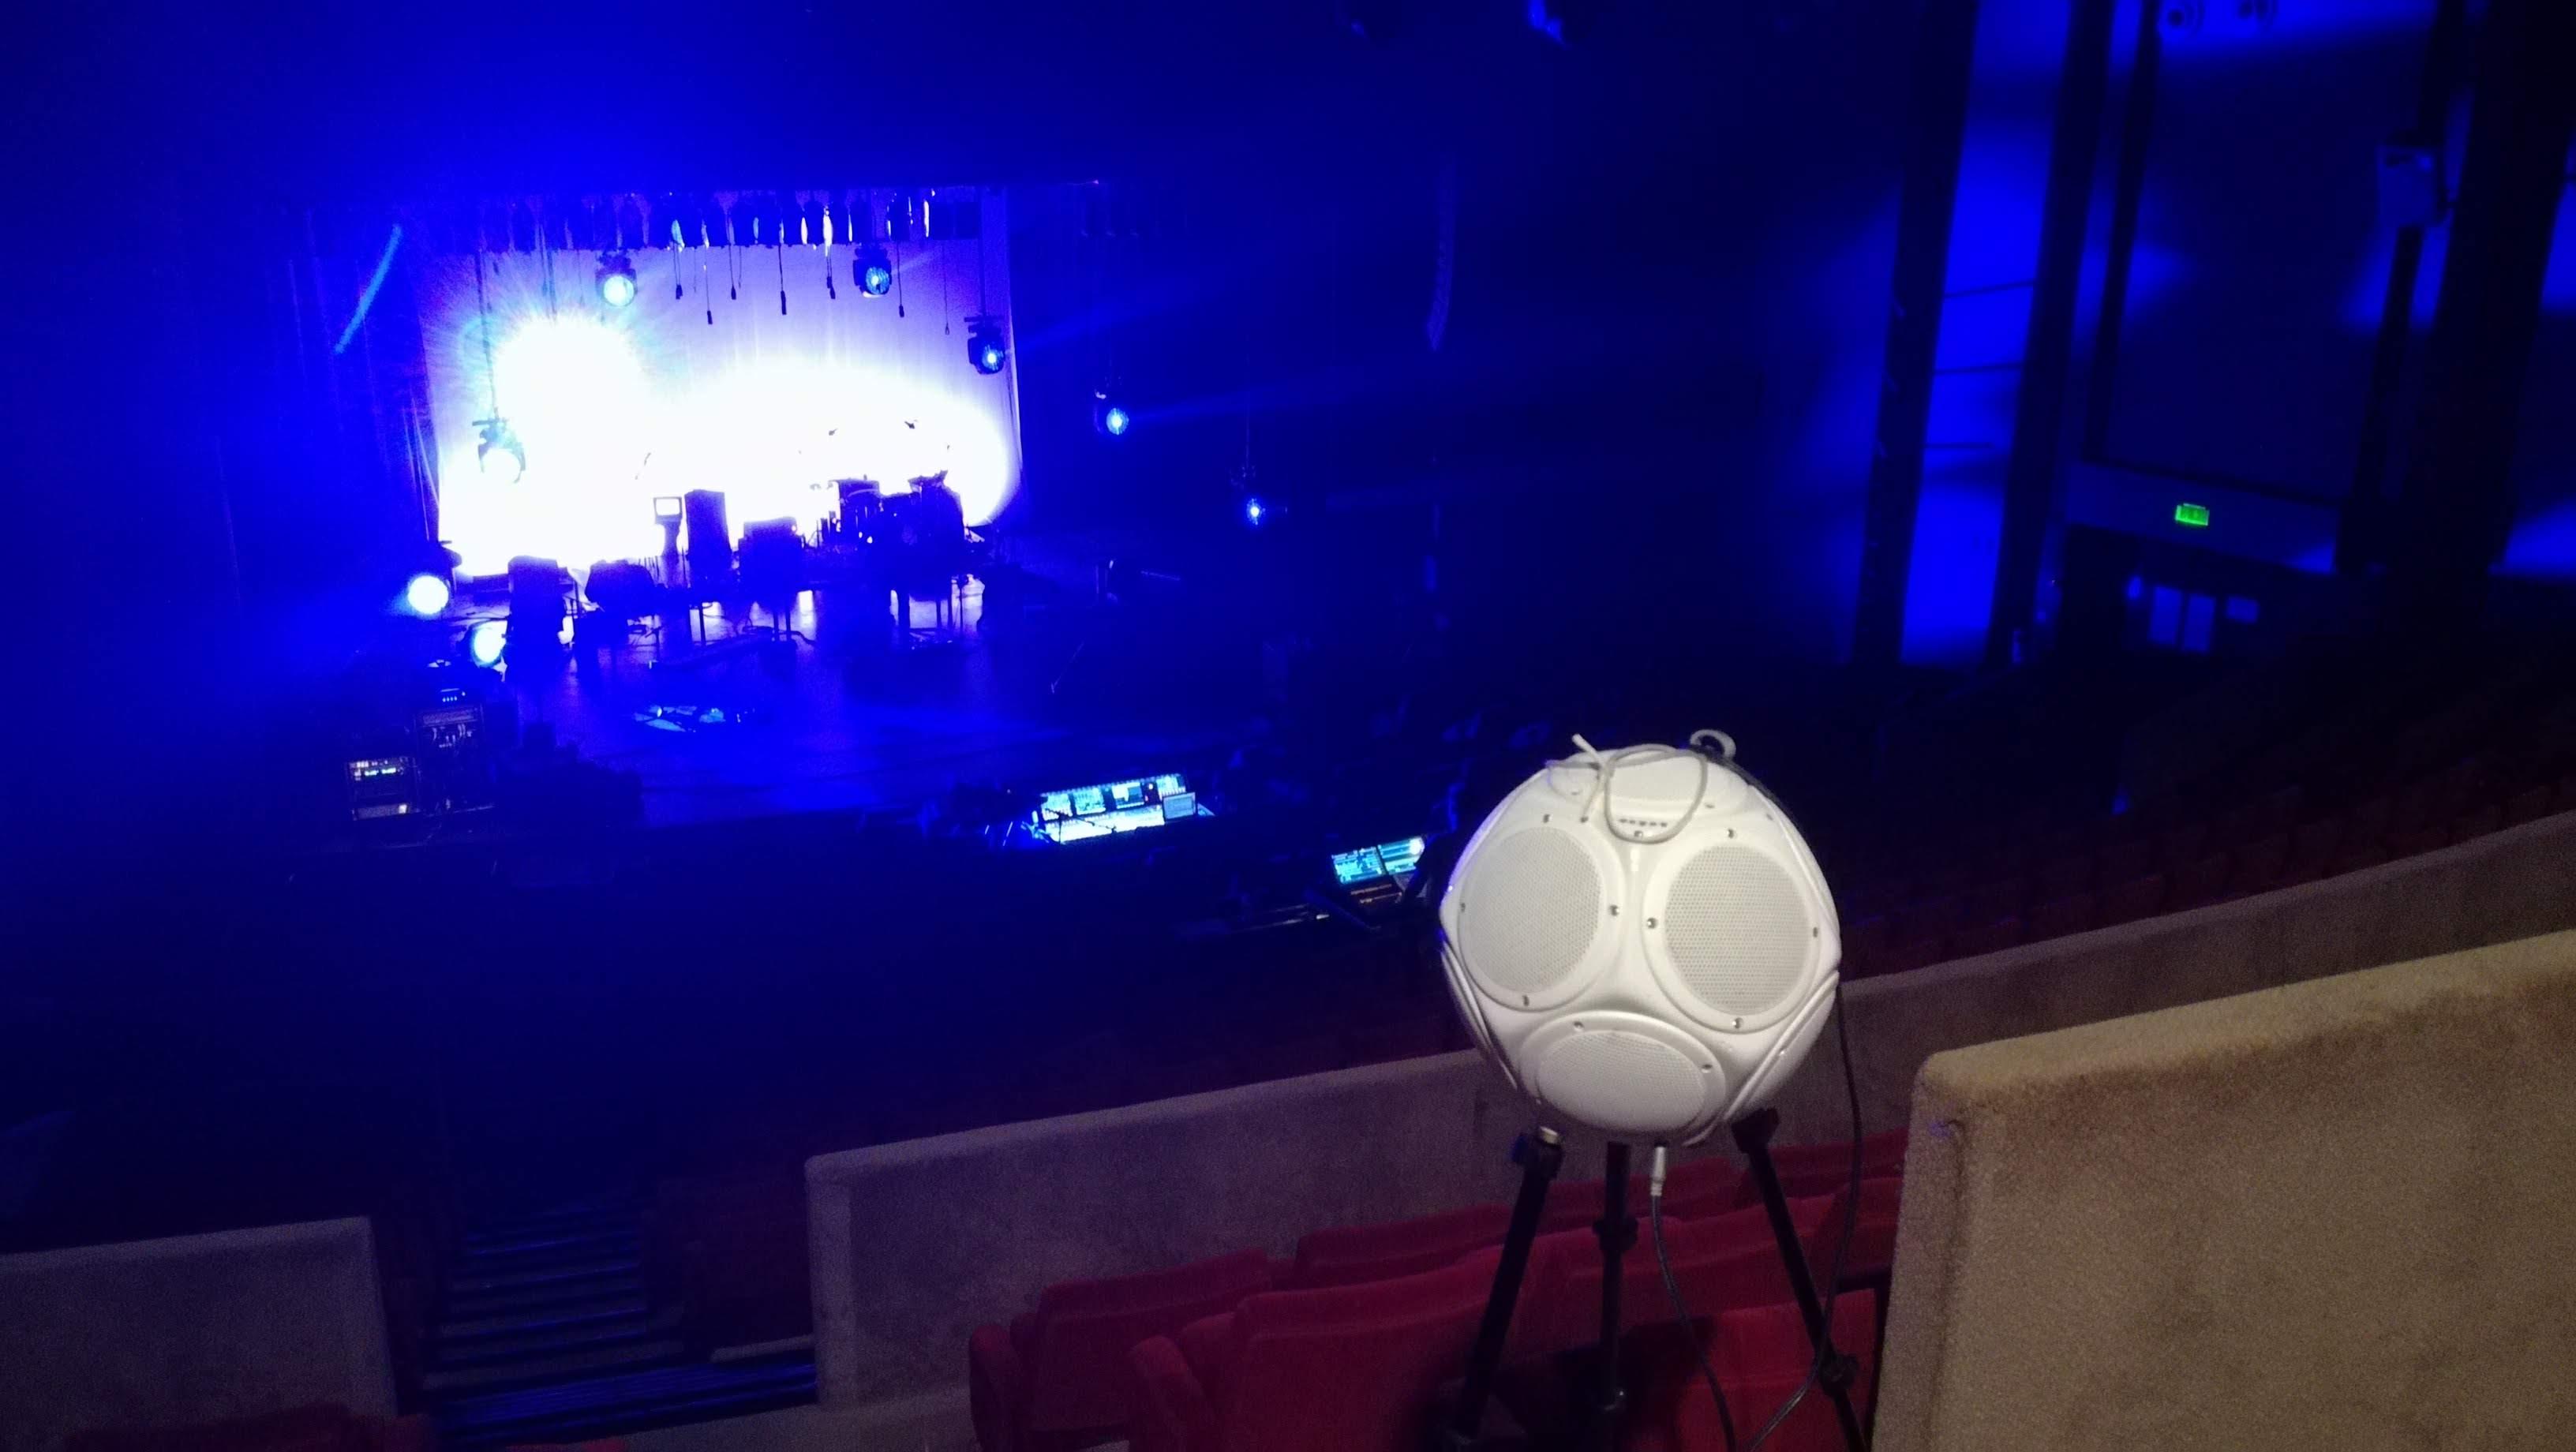 27 août 2018 – Centre Culturel d'Auderghem – Amélioration de l'acoustique entre salles